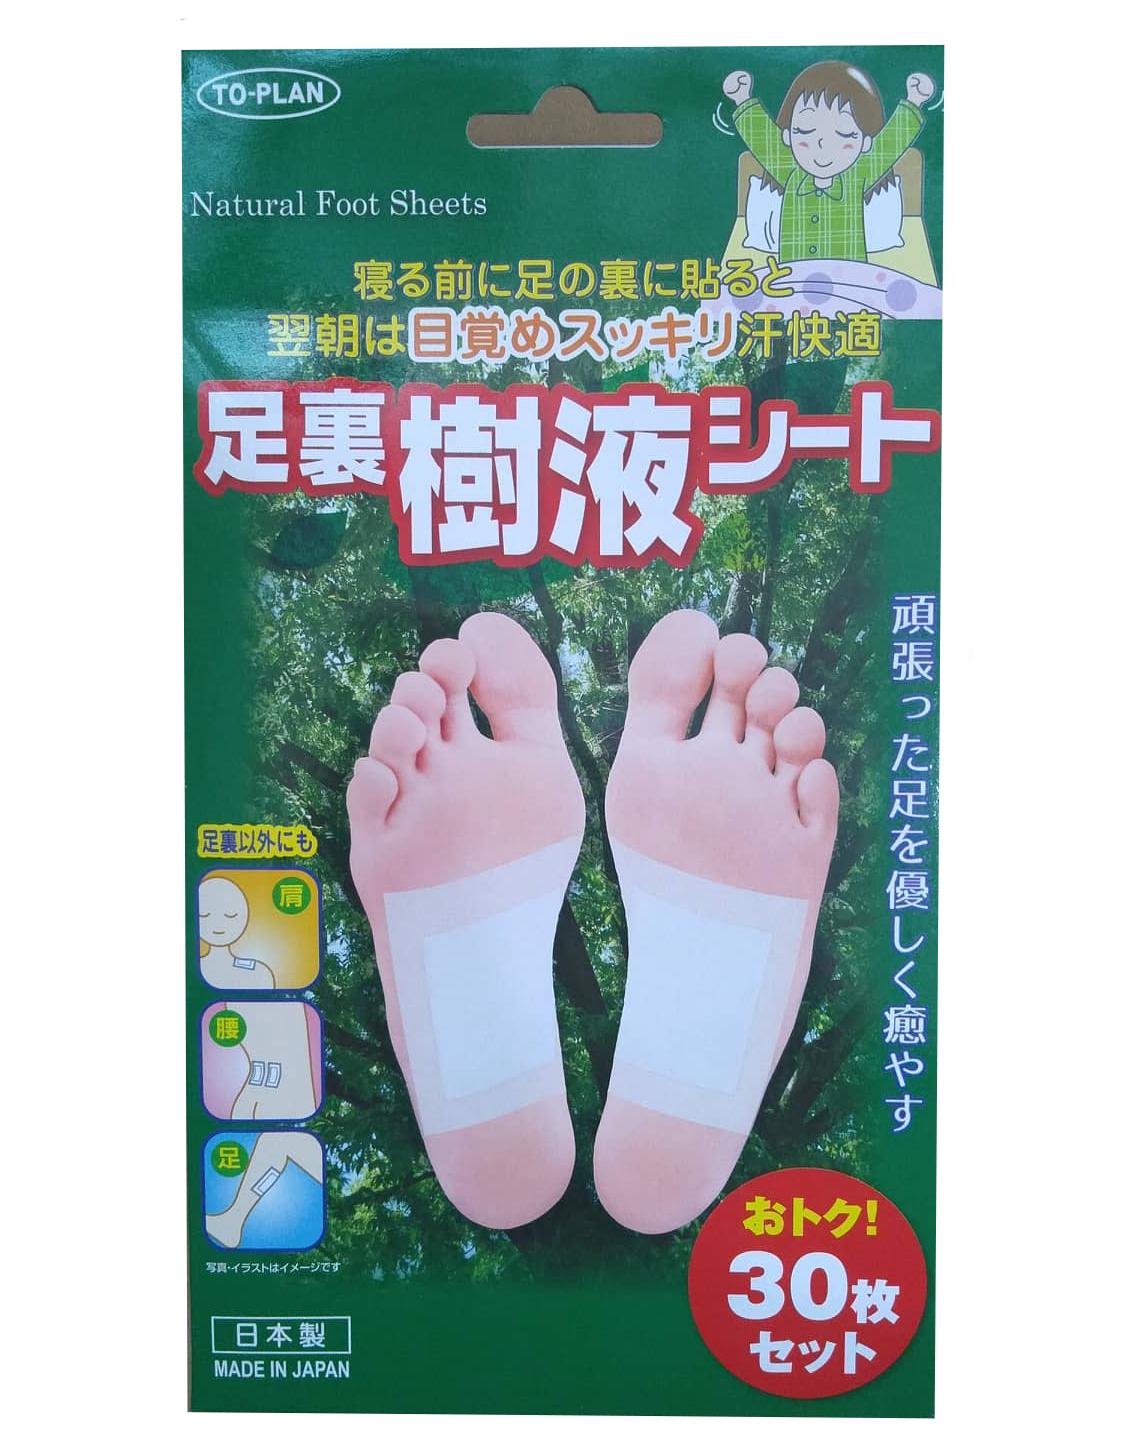 Miếng dán thải độc Kenko là cách dễ dàng và hiệu quả để loại bỏ độc tố trong cơ thể